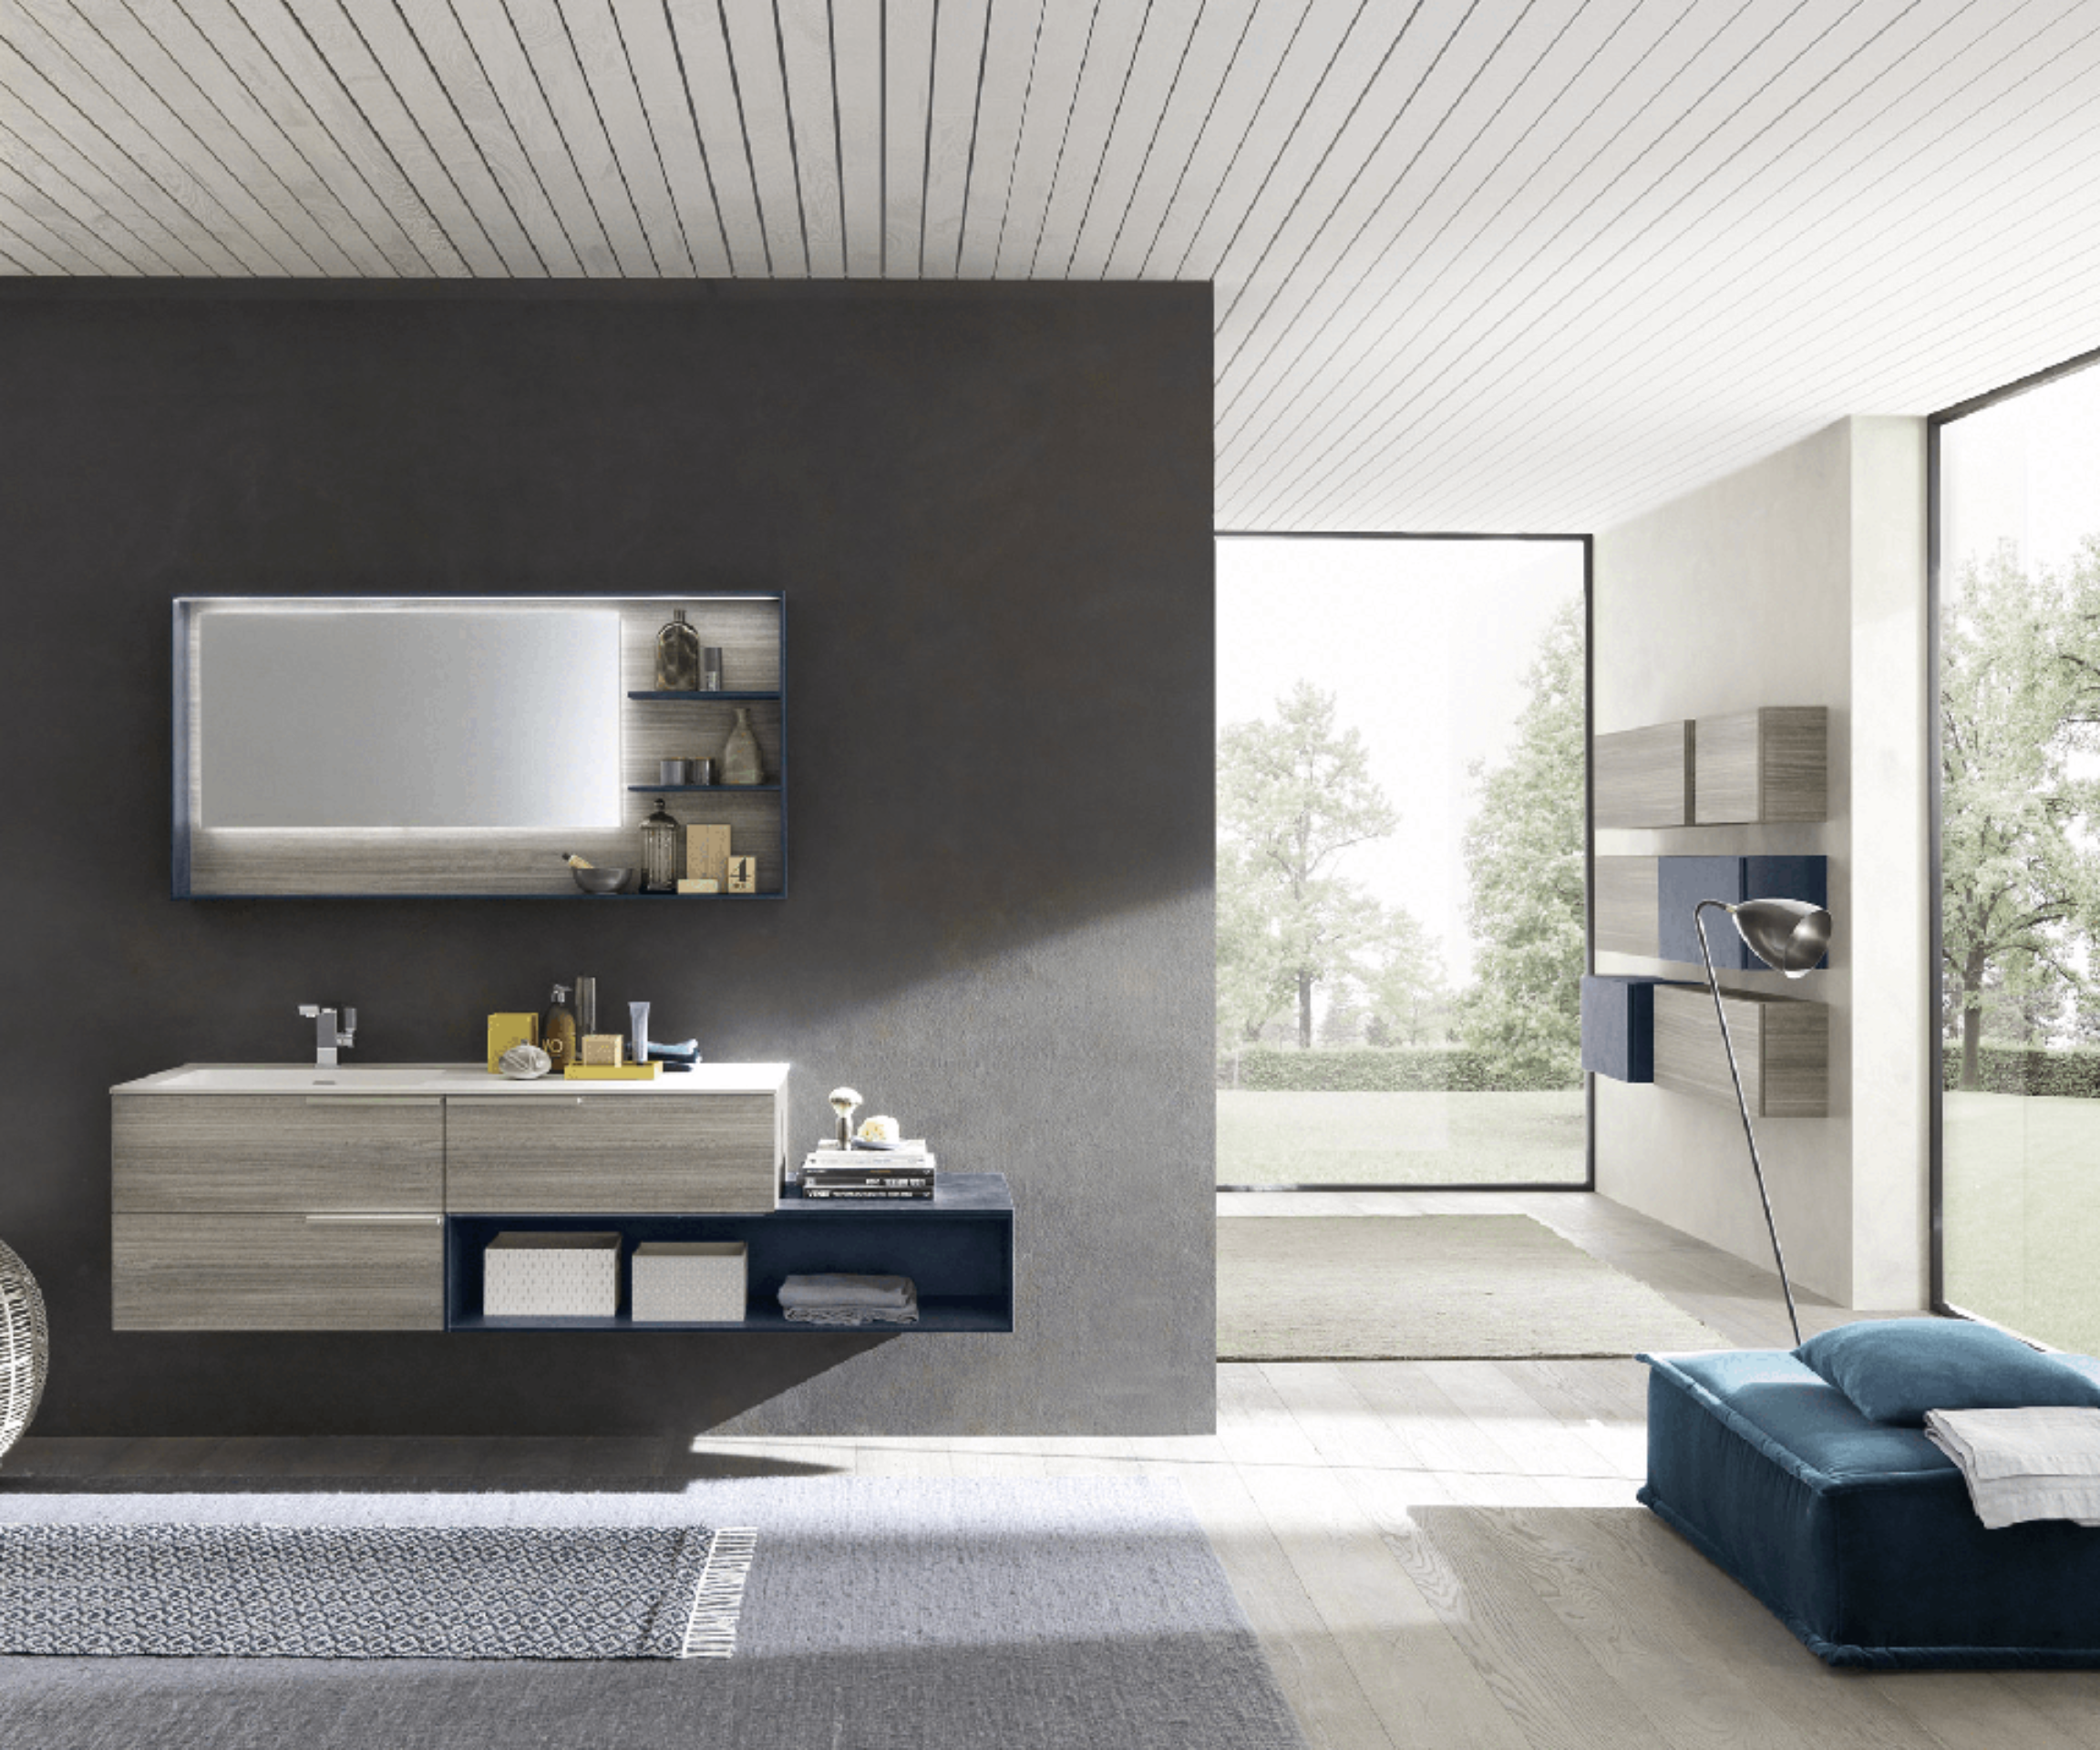 Arredo Bagno Blu Italy Vittuone : Arredo bagno blu il bagno delle ragazze con lavabo doppio opus di